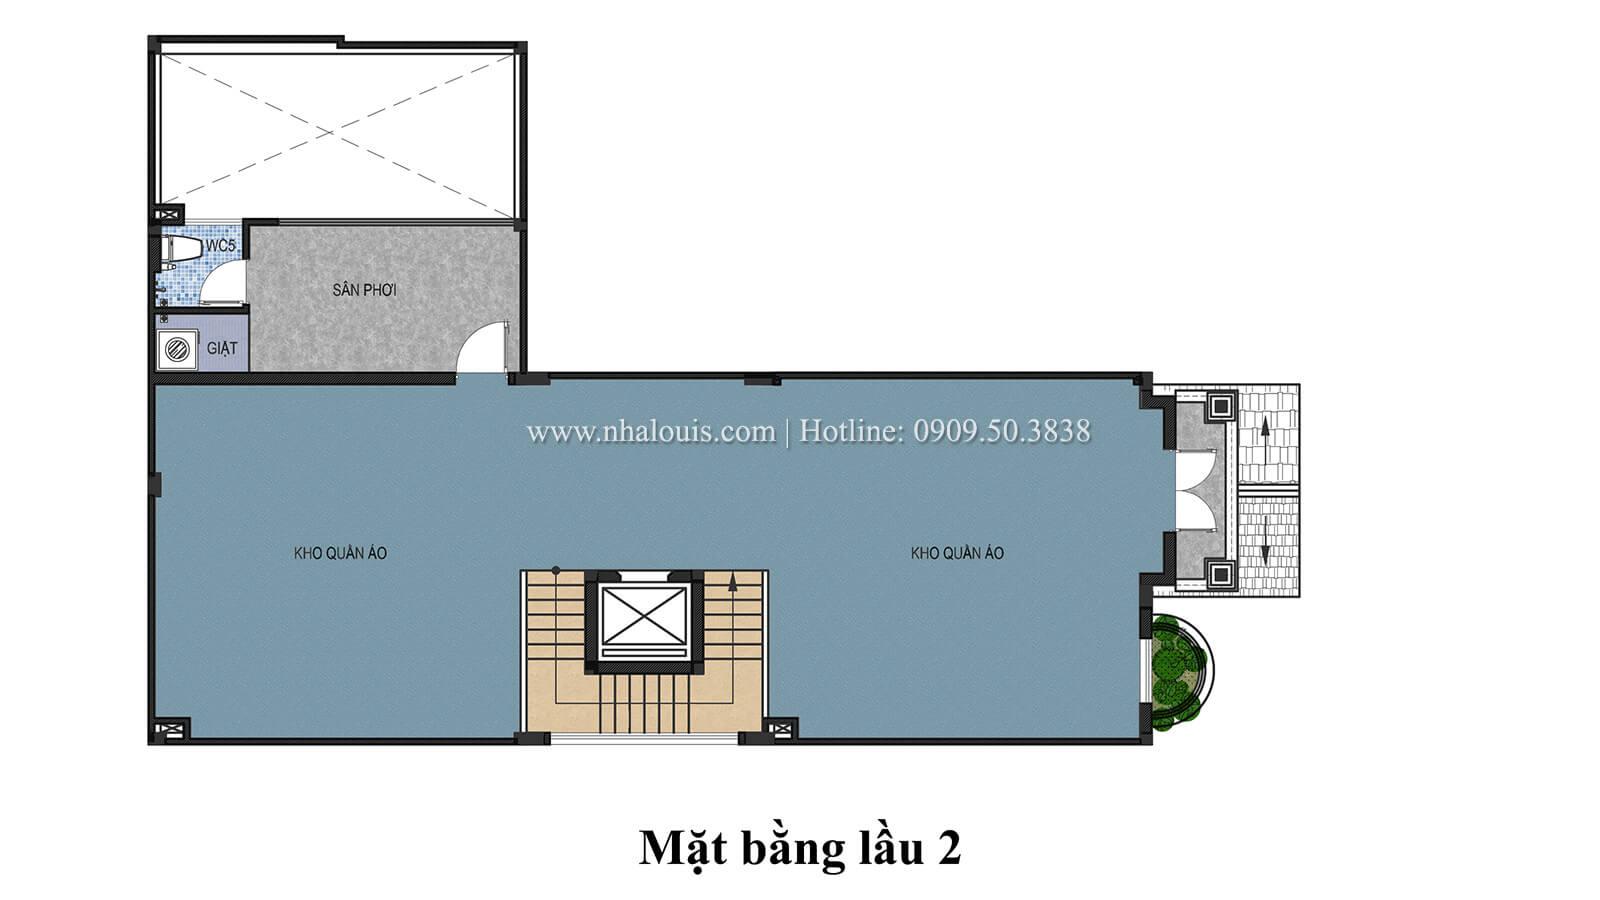 Mặt bằng tầng 2 Mẫu nhà phố bán cổ điển với mái Thái độc đáo tại Tân Bình - 28